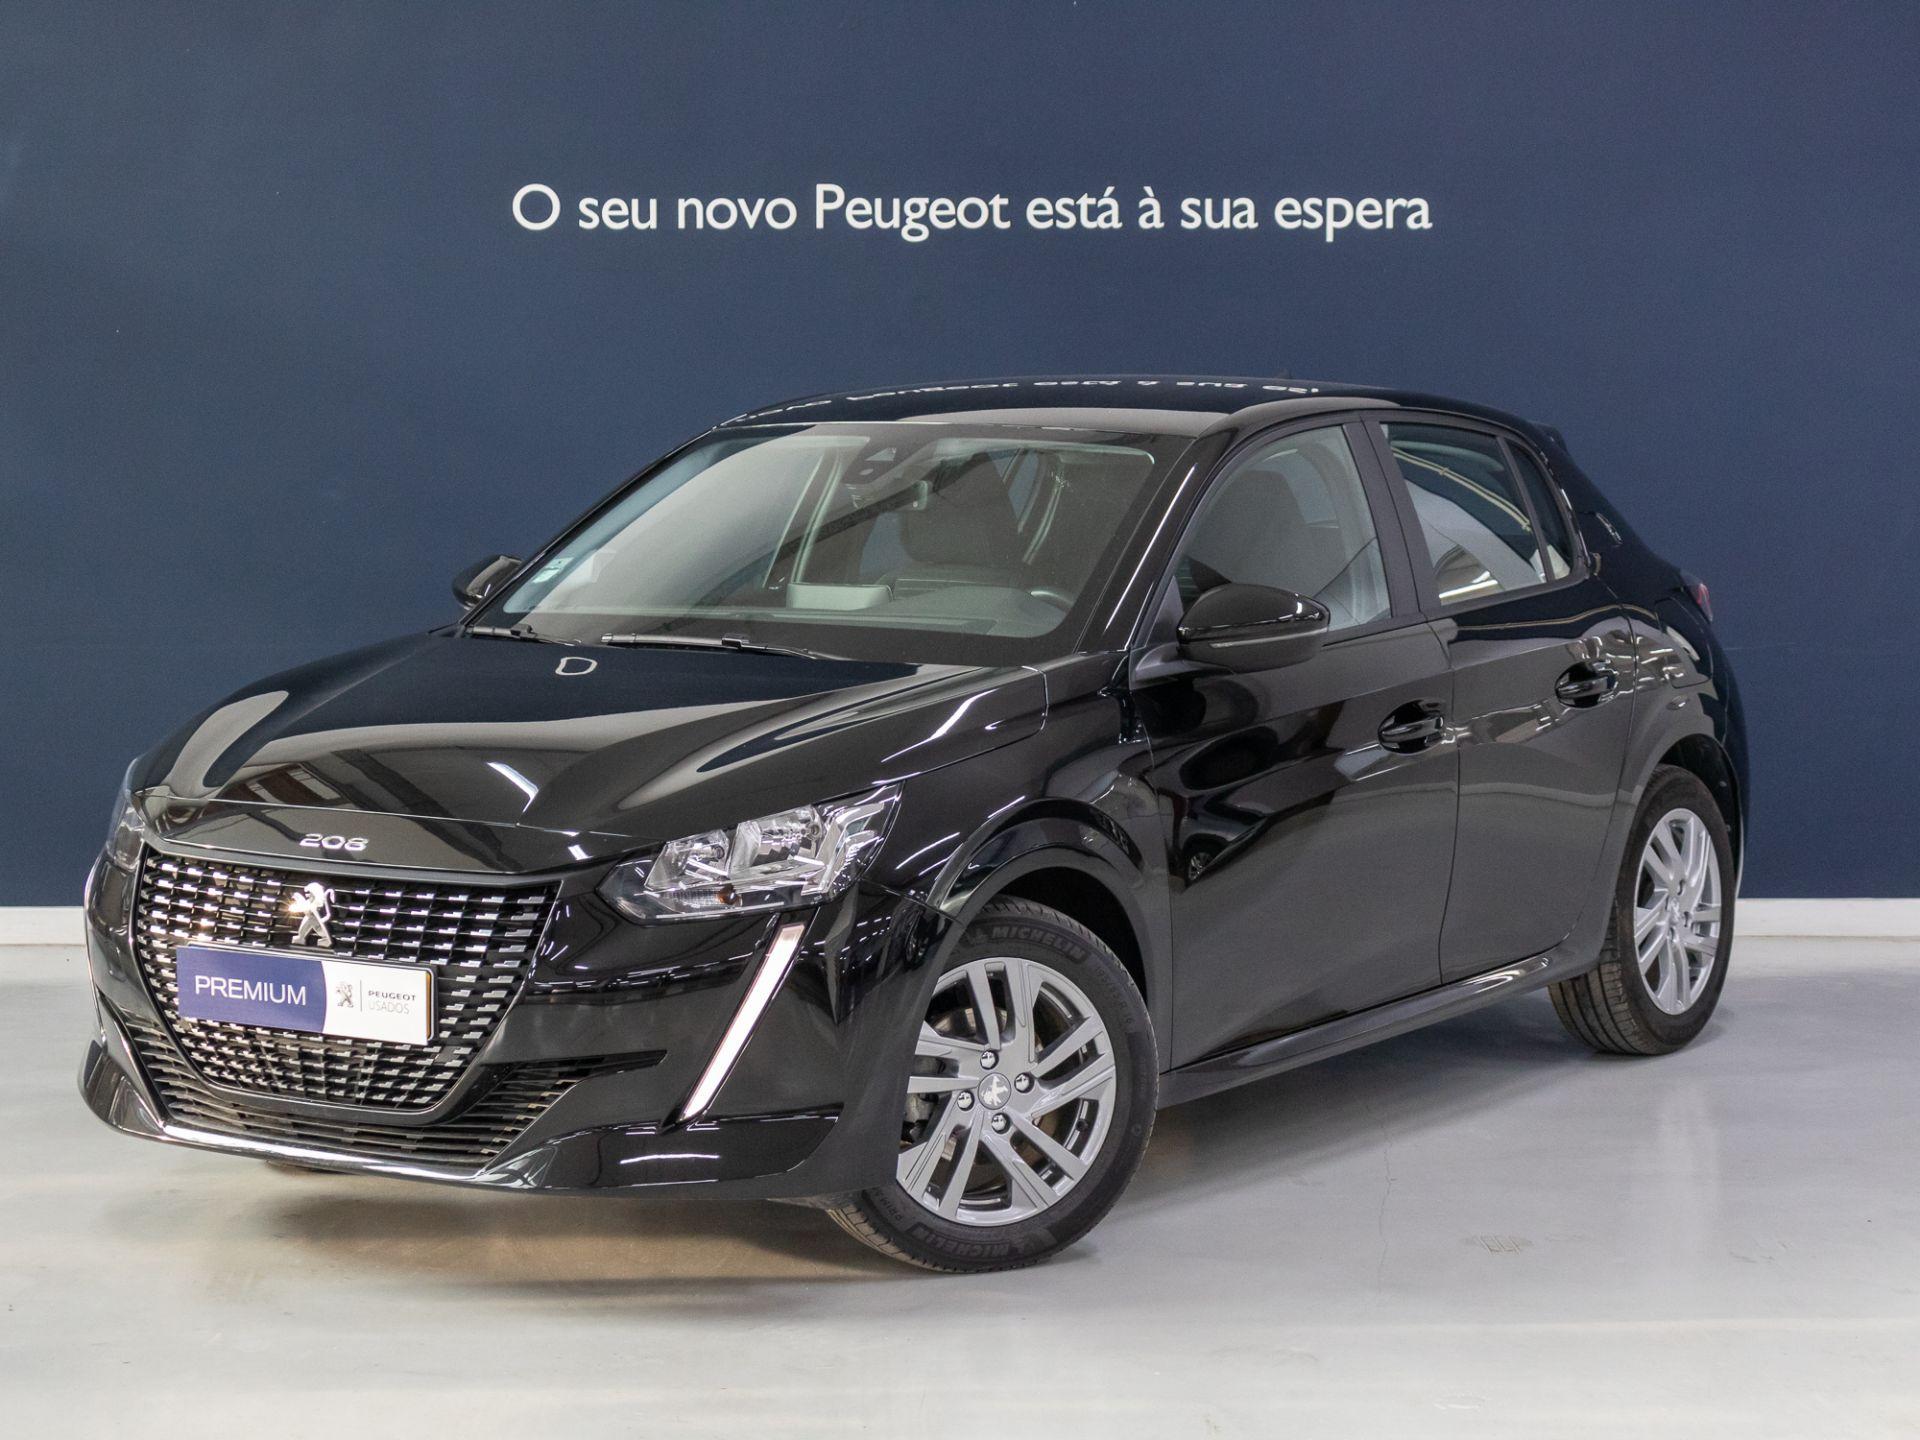 Peugeot 208 1.2 PureTech 75cv Active segunda mão Lisboa